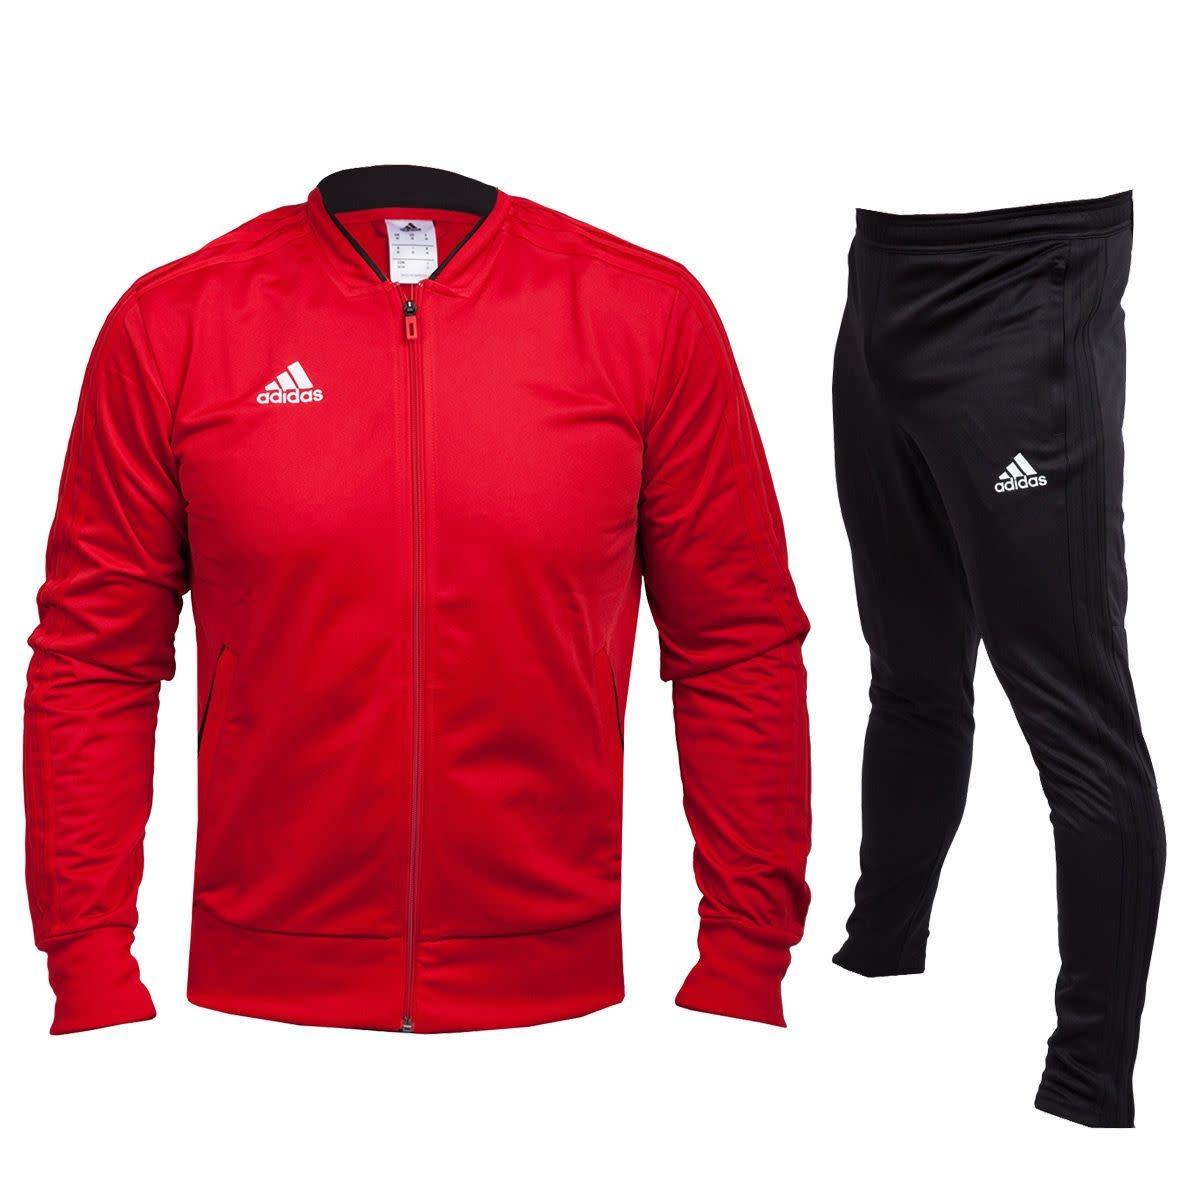 Adidas ADIDAS Condivo 18 PES Training